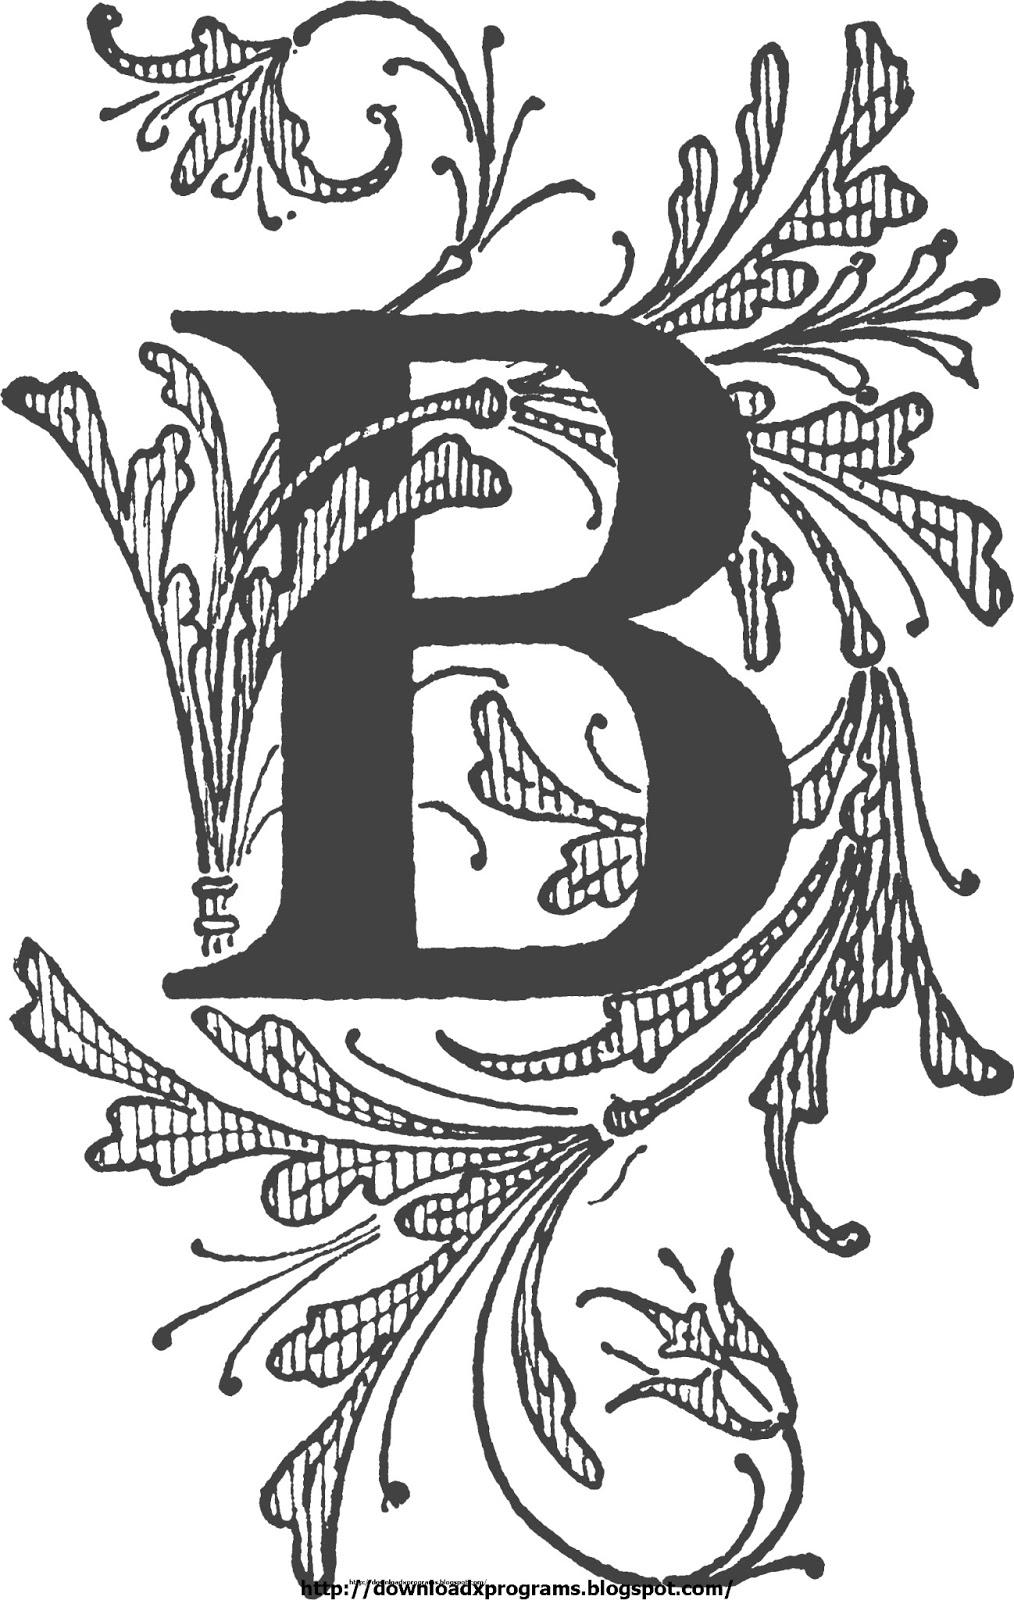 خلفيات حرف B بالانجليزي لم يسبق له مثيل الصور Tier3 Xyz